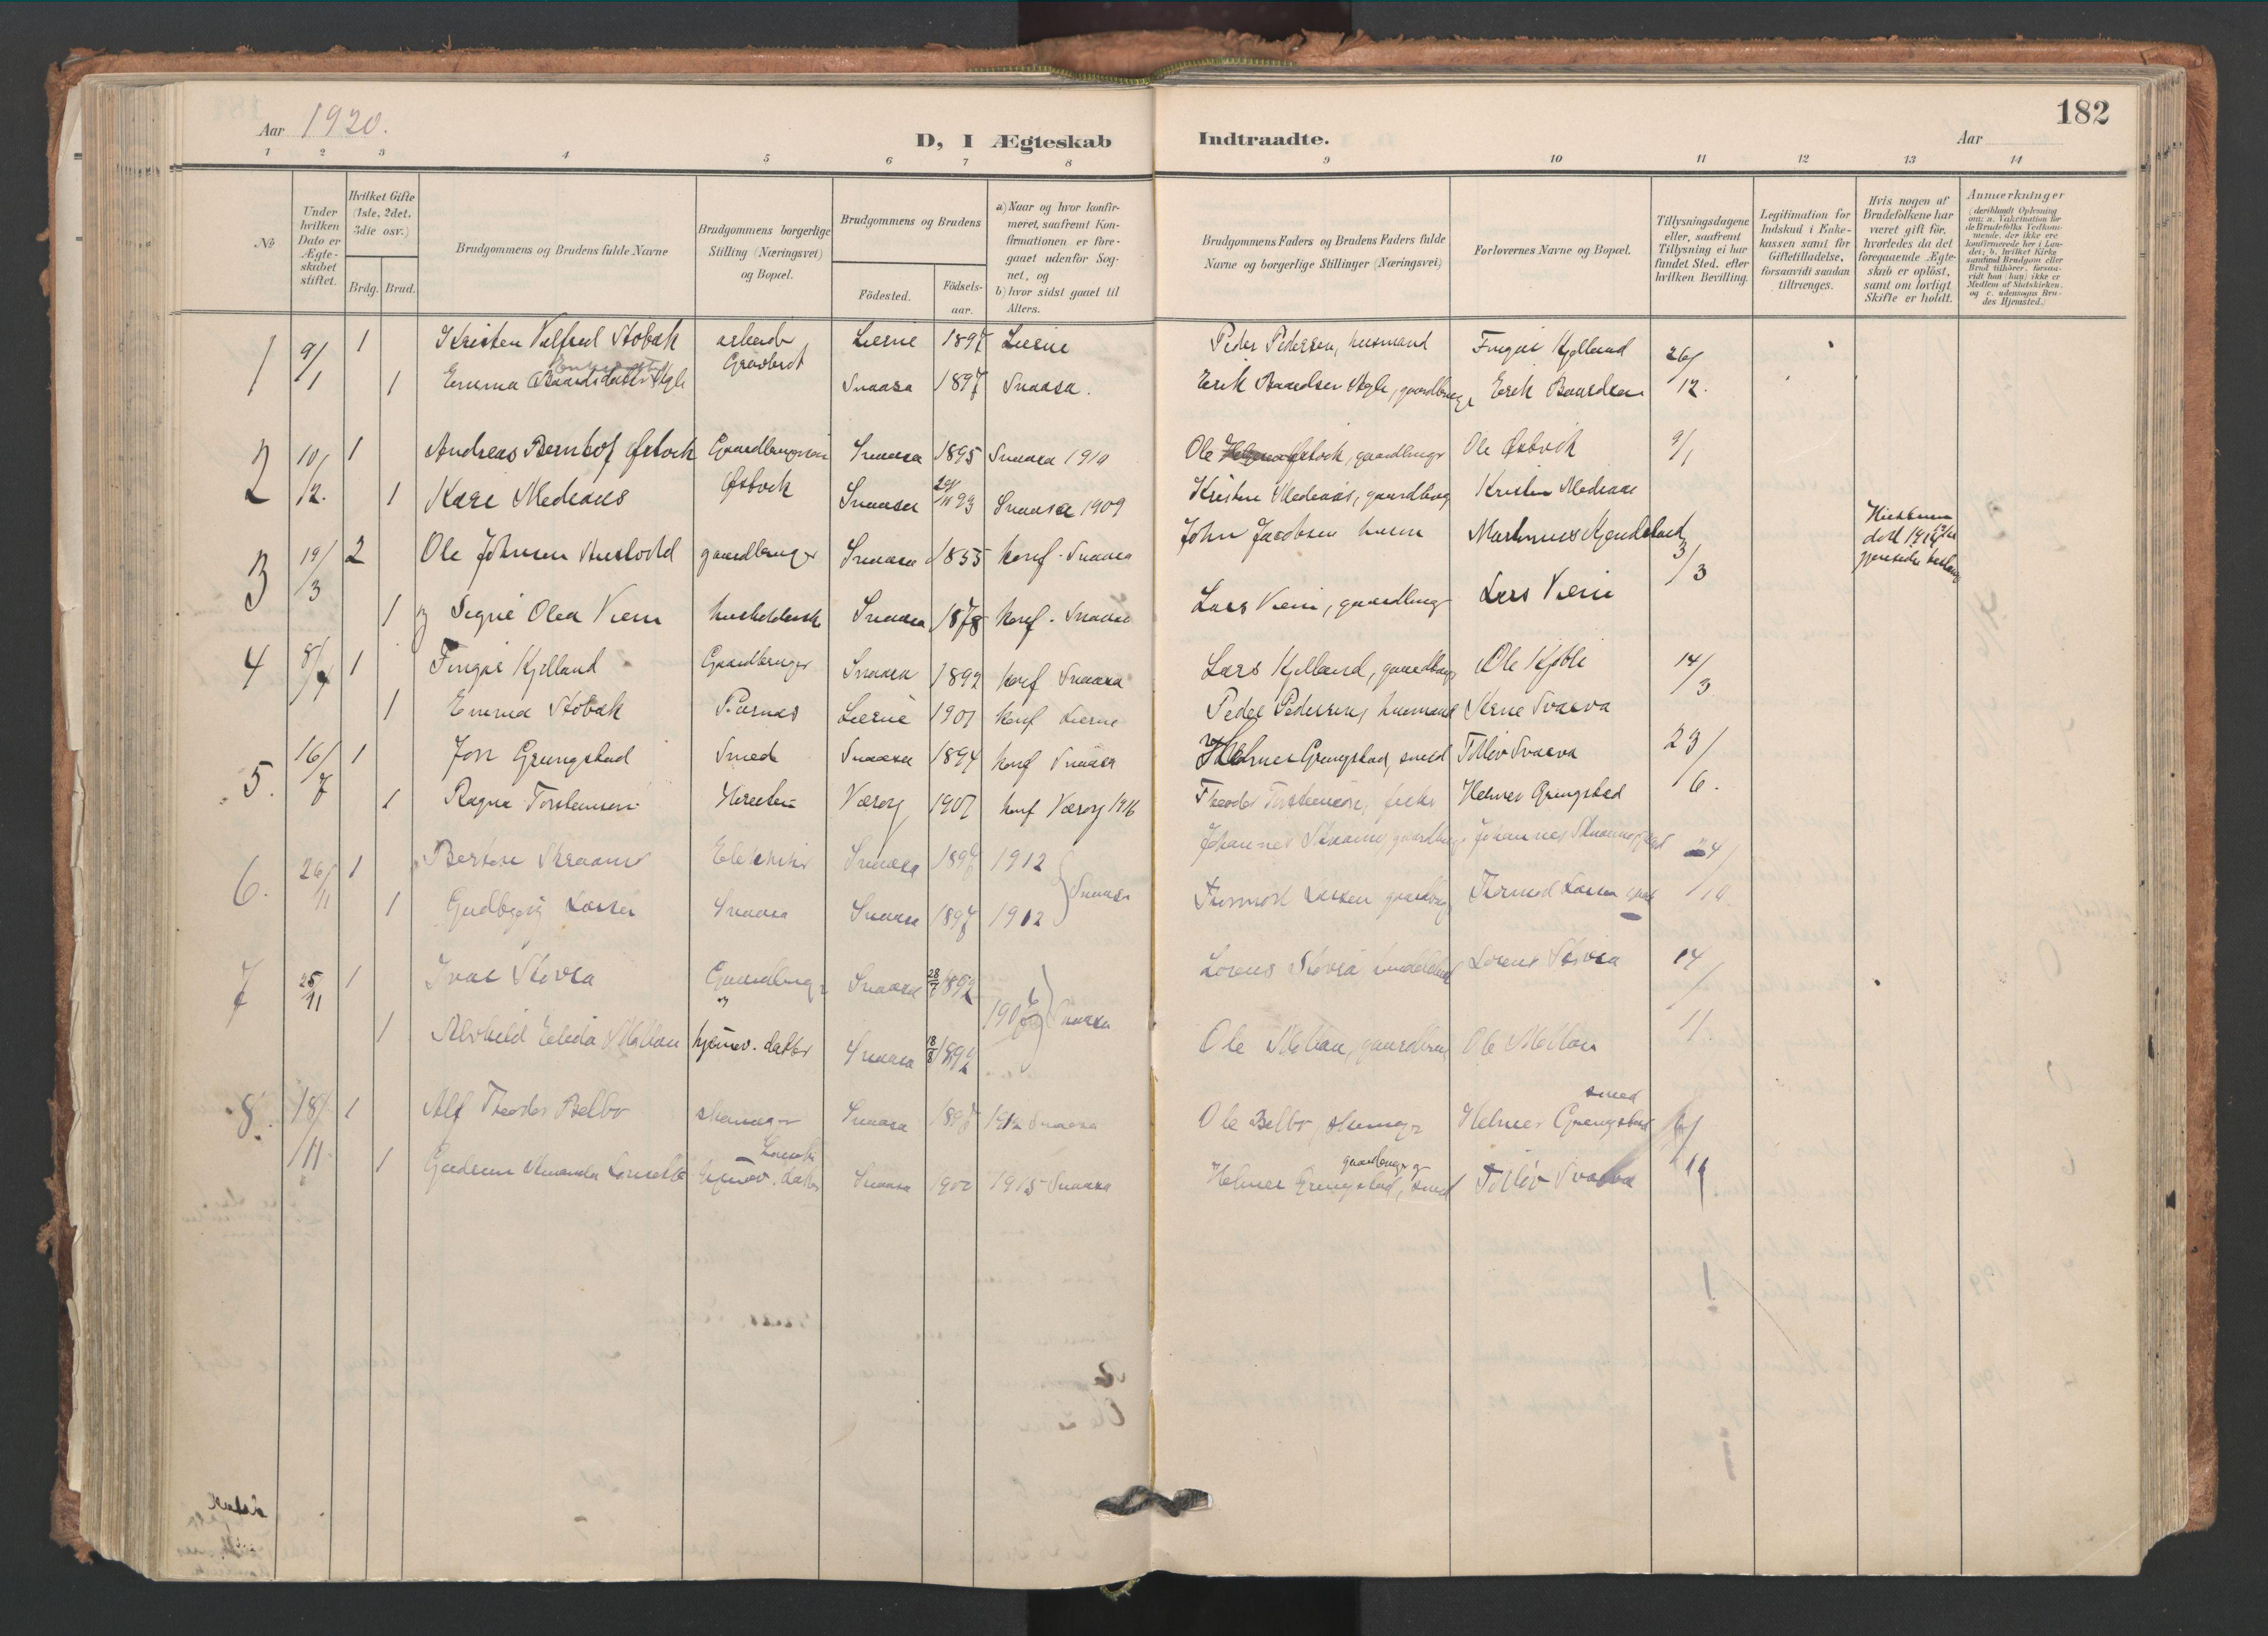 SAT, Ministerialprotokoller, klokkerbøker og fødselsregistre - Nord-Trøndelag, 749/L0477: Ministerialbok nr. 749A11, 1902-1927, s. 182